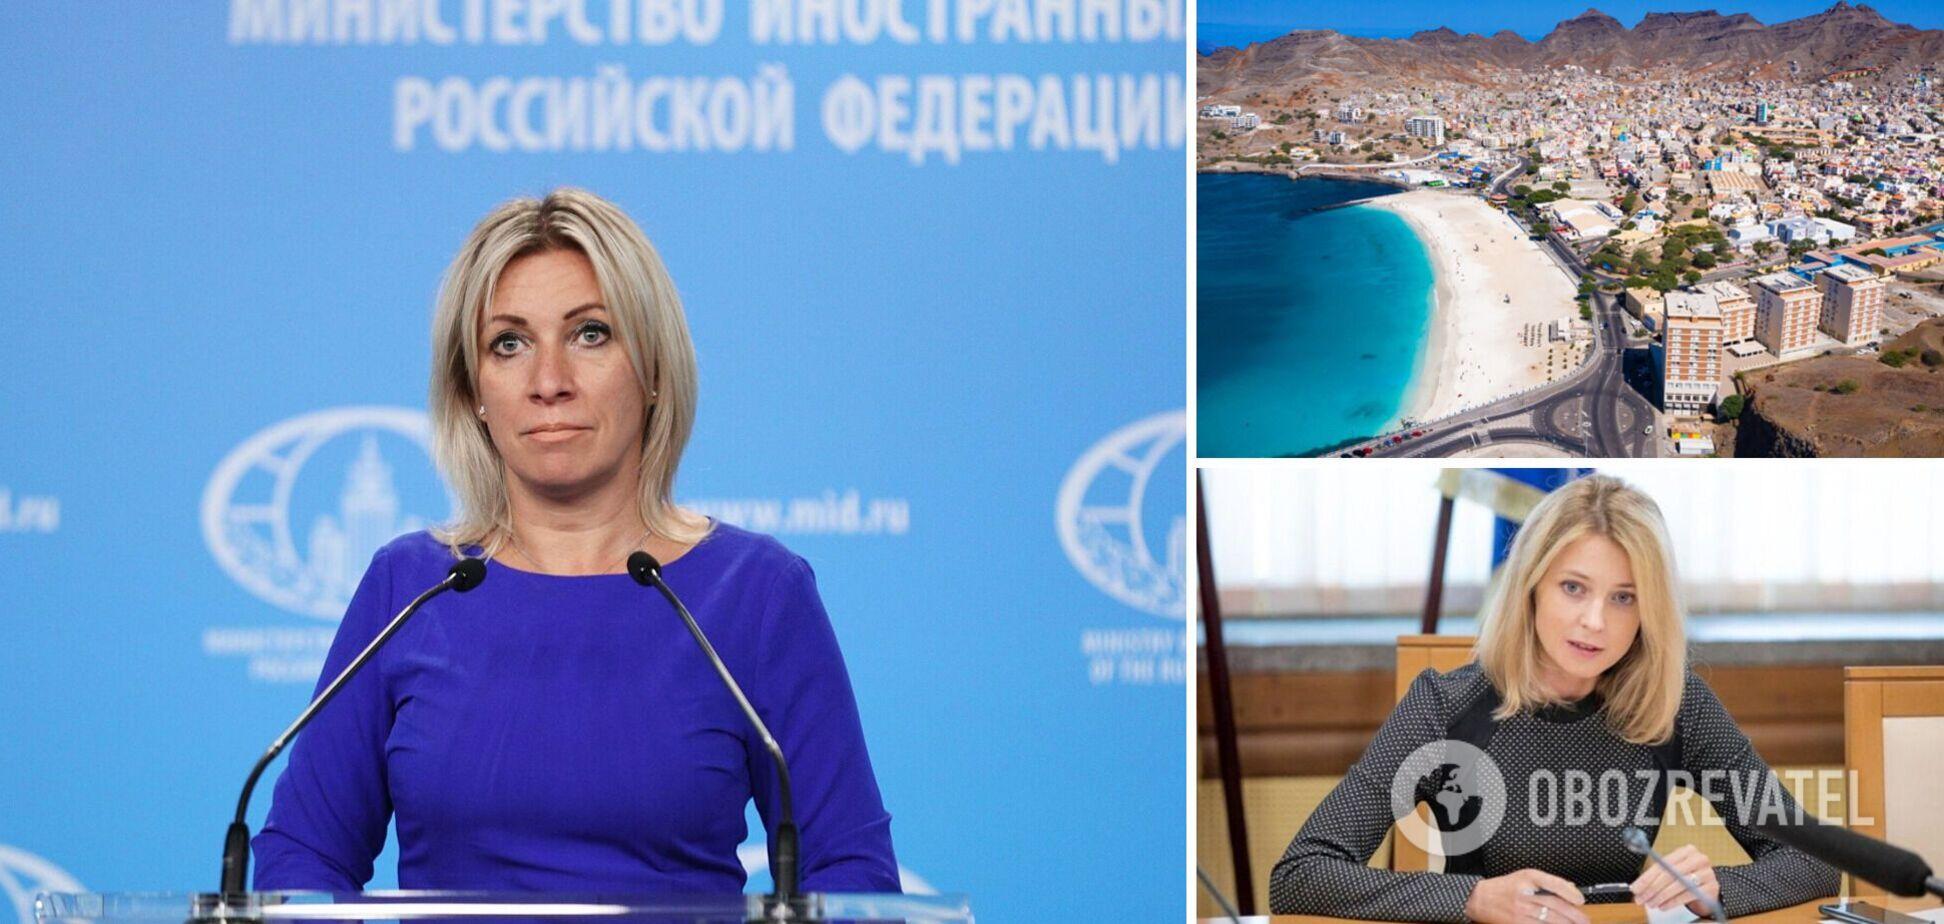 Поклонську не можуть екстрадувати в Україну, заявила Захарова